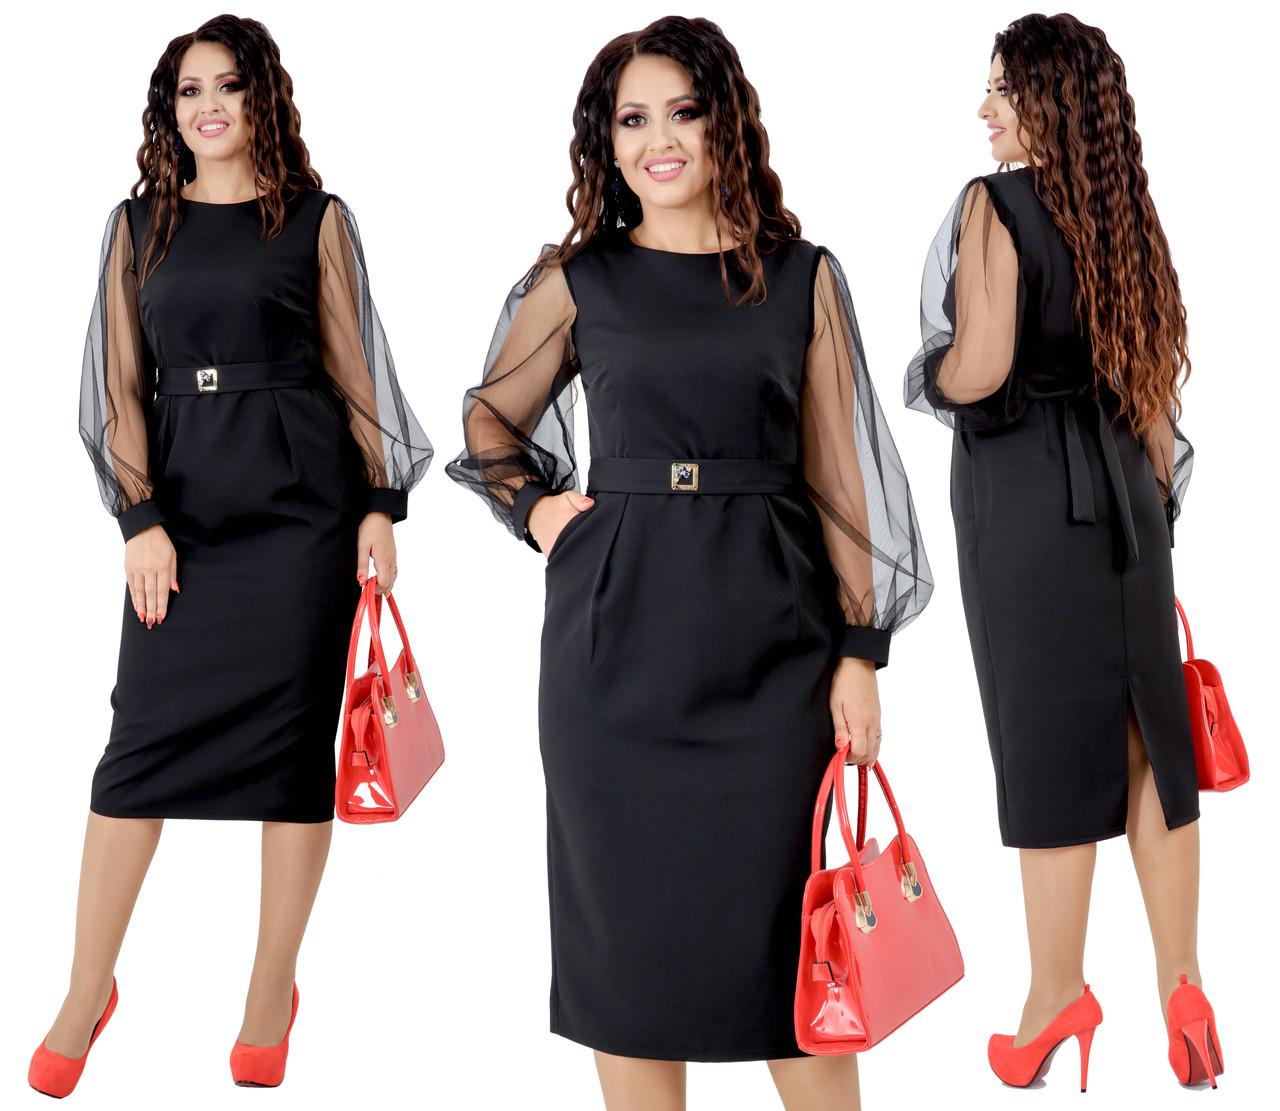 Черное платье больших размеров от 48 до 54 отделка сетка, есть карманы  арт 211-92